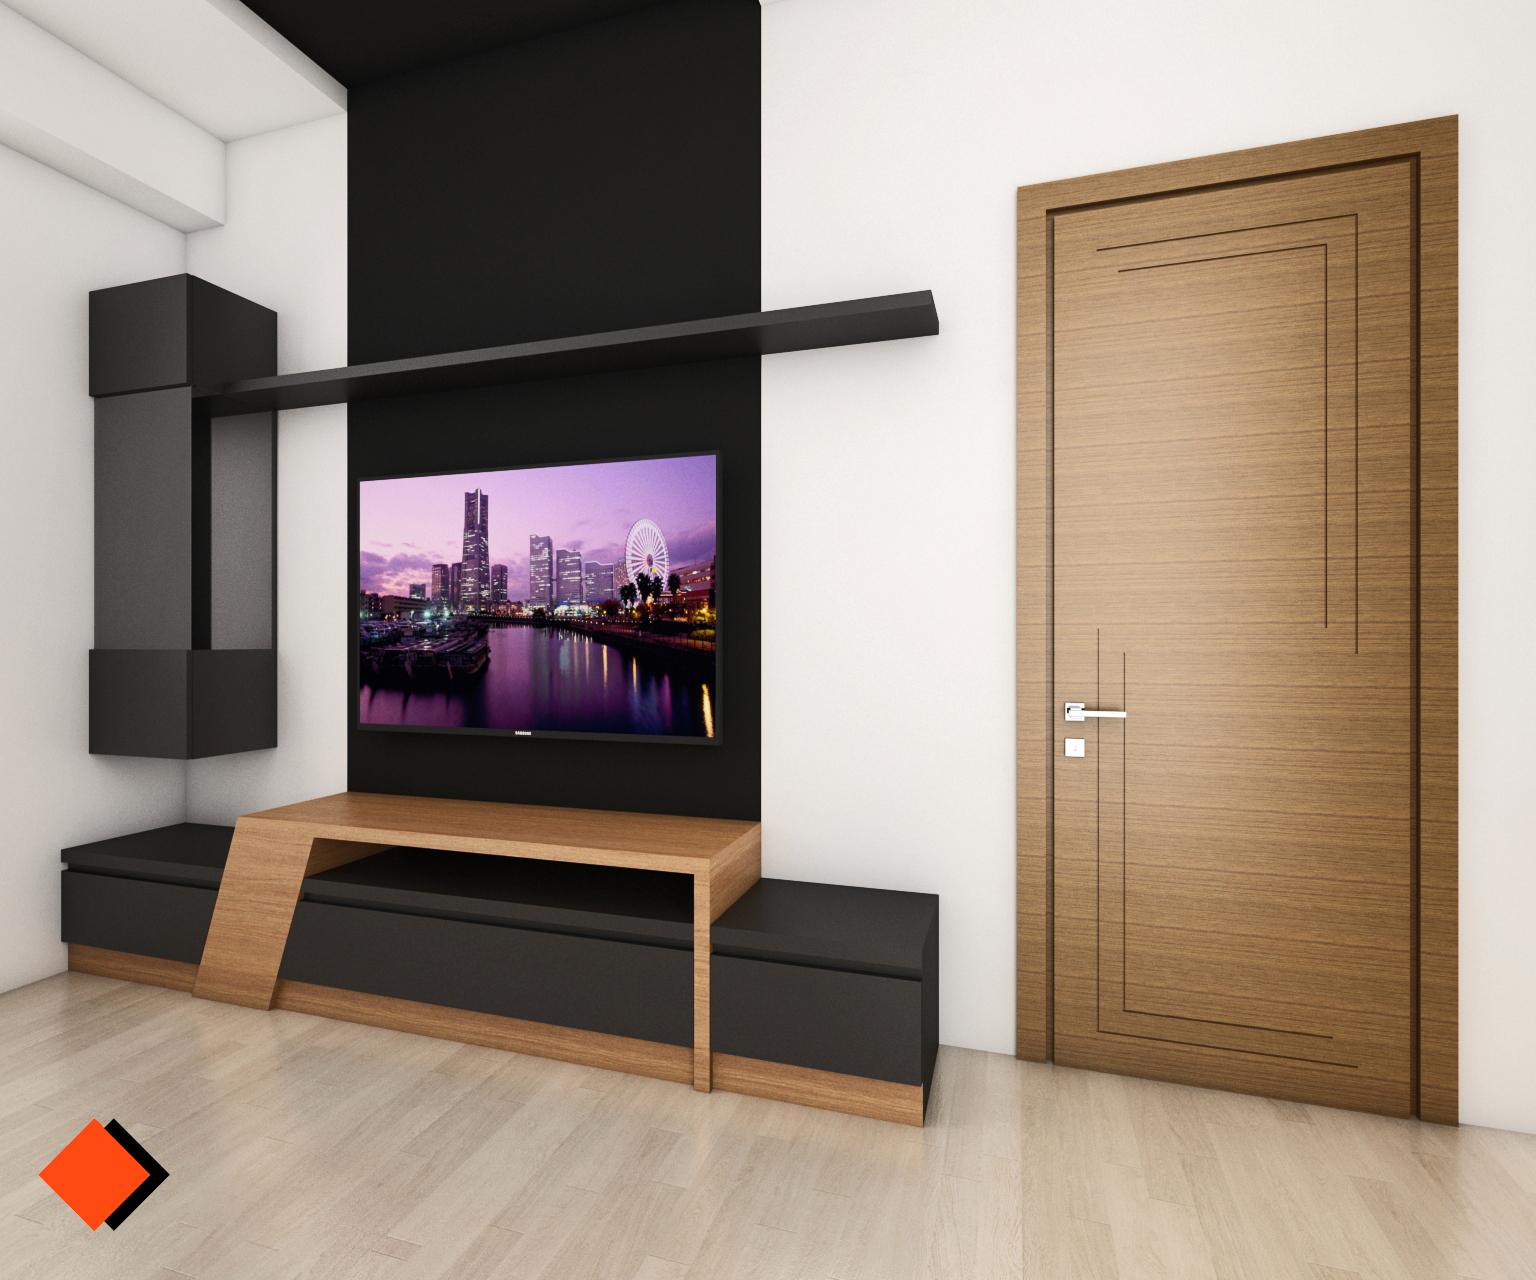 ტელევიზორის კედელი